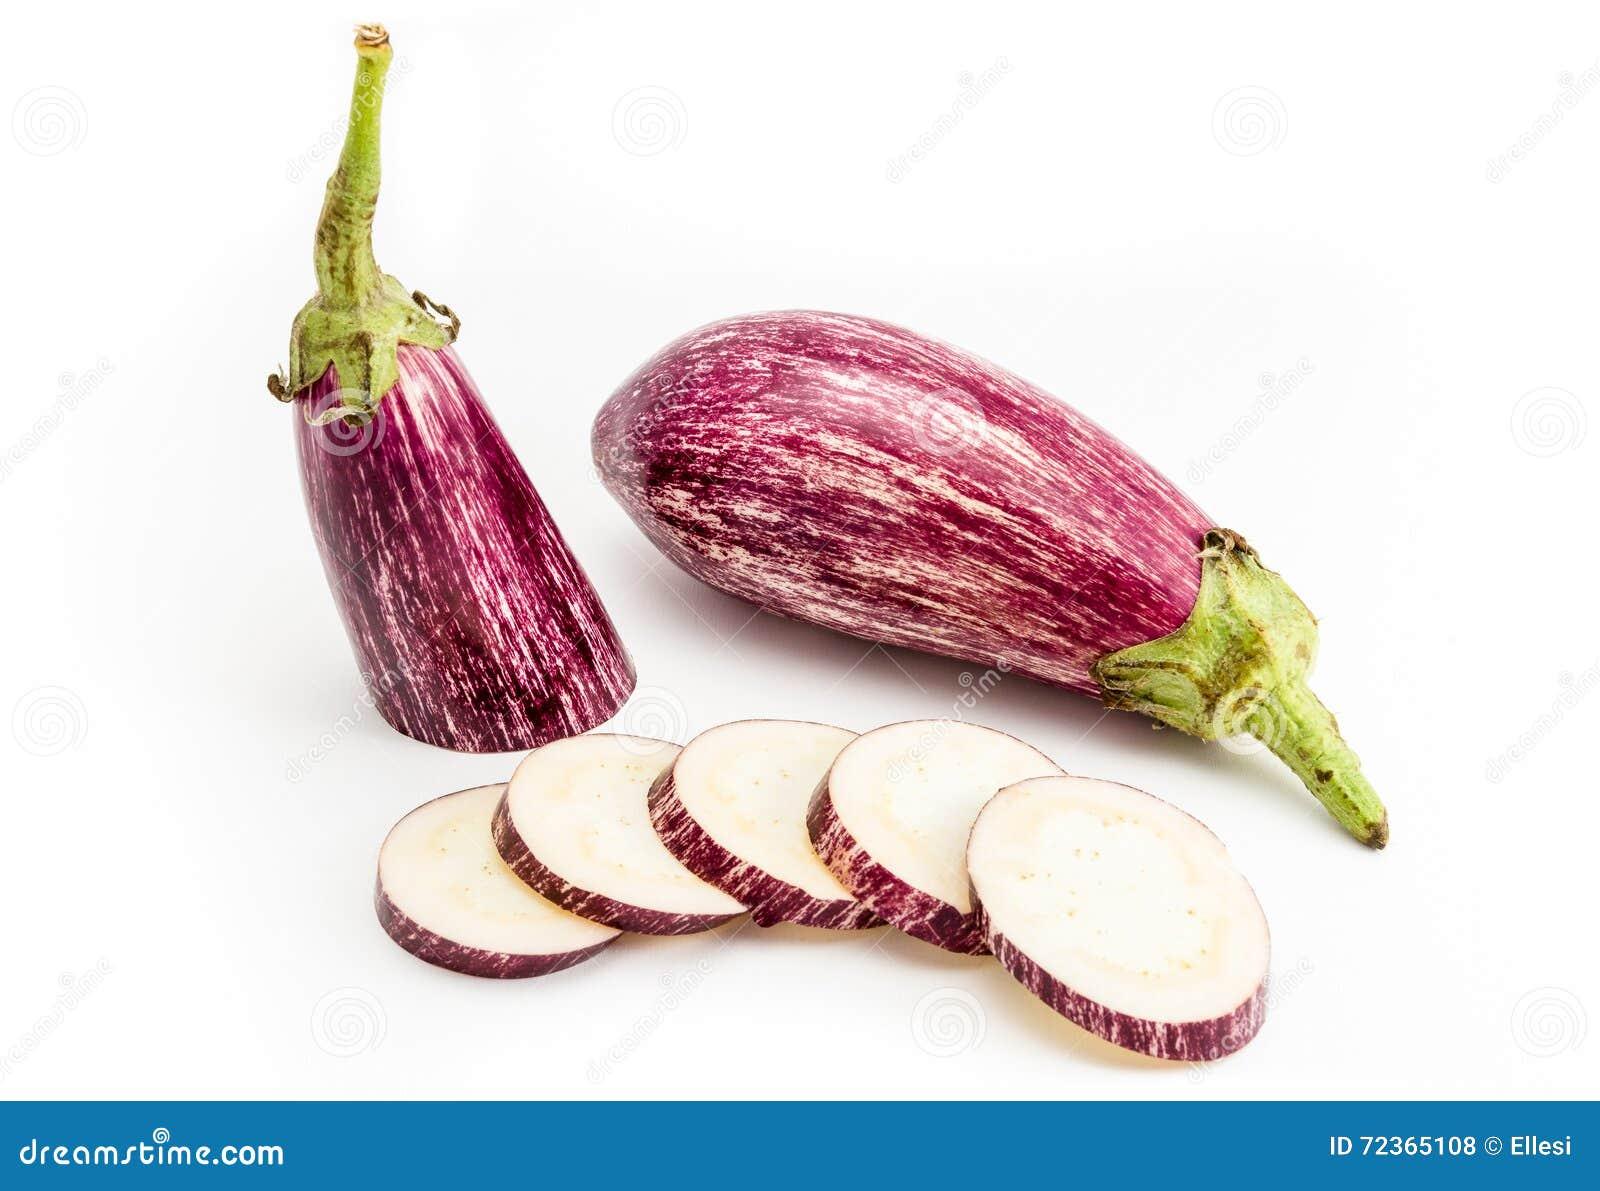 Listada de甘迪亚有机茄子,与镶边皮肤